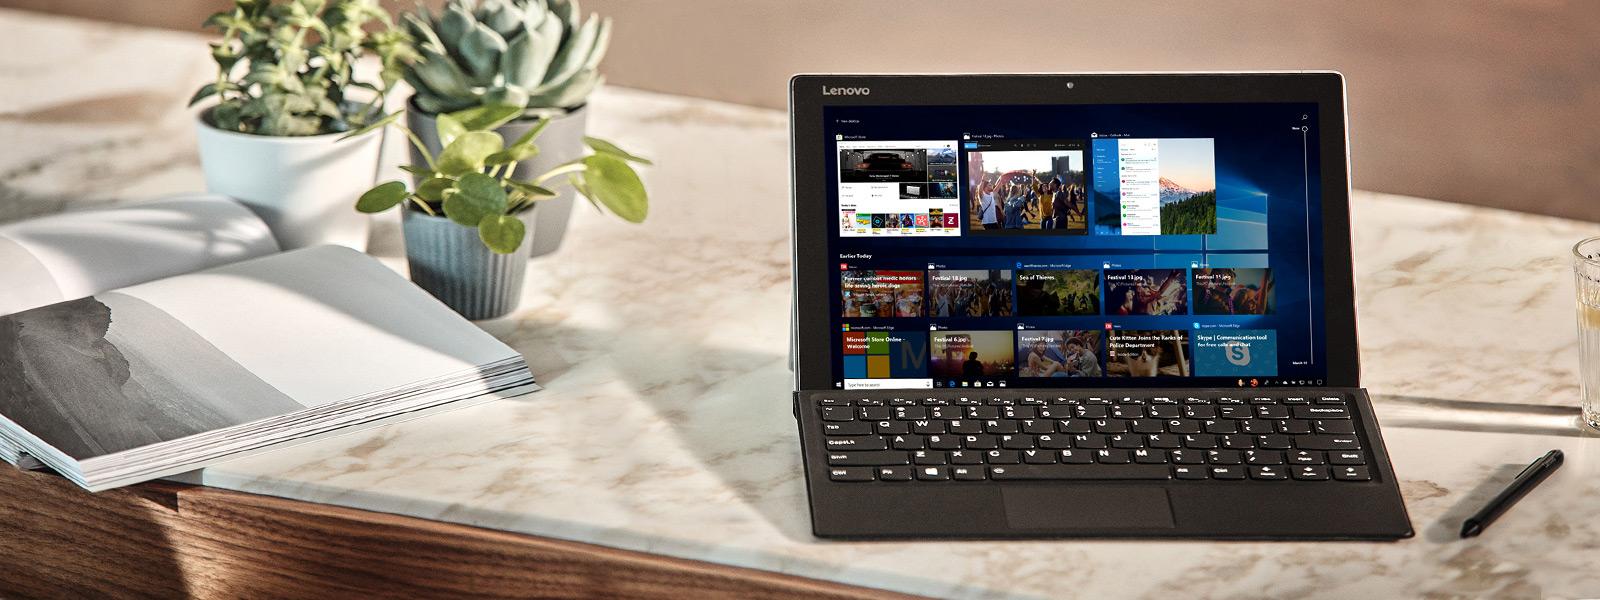 Ekran komputera, na którym widać funkcję dostępną dzięki aktualizacji systemu Windows 10 z kwietnia 2018